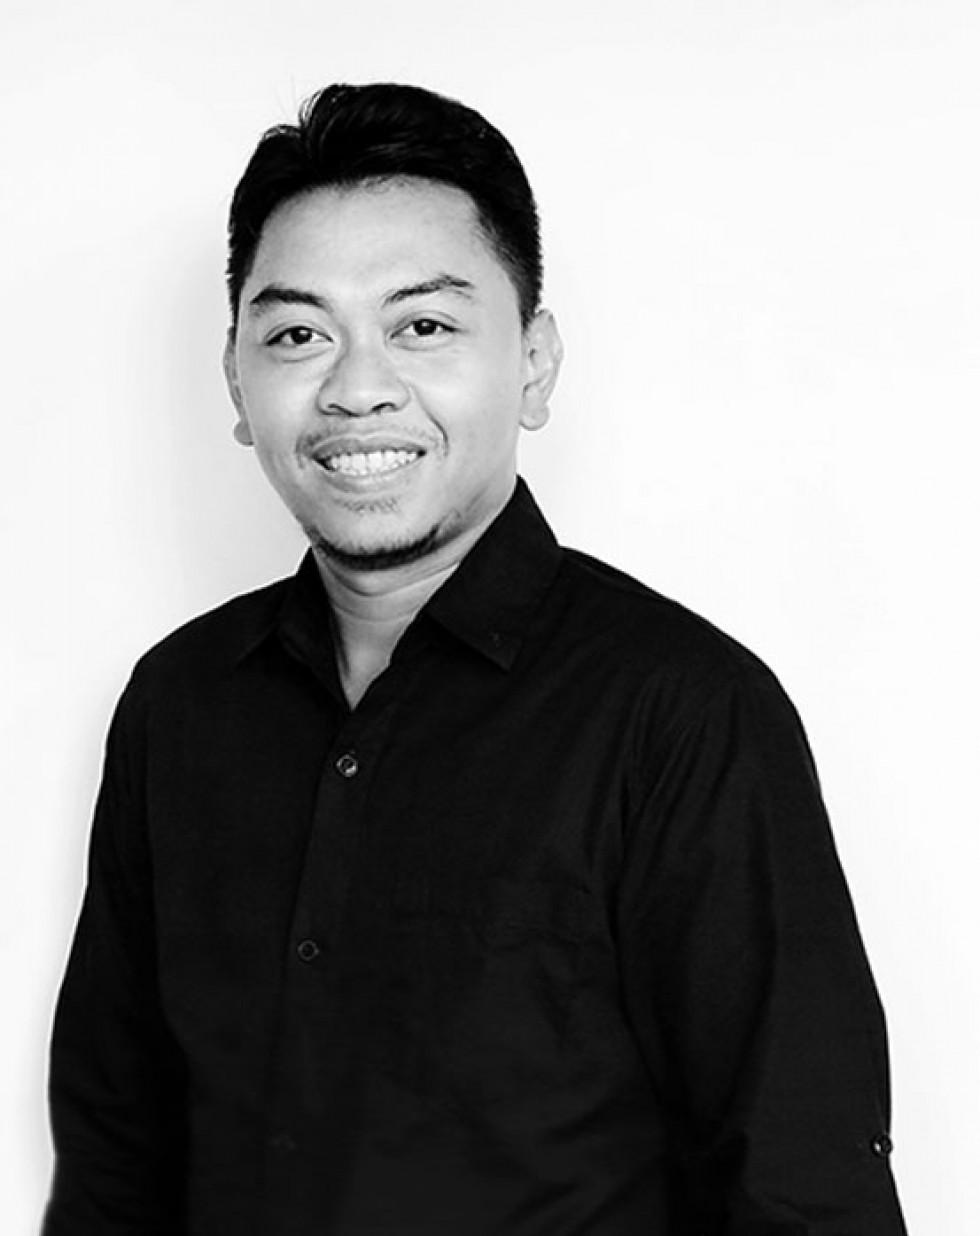 Hartoto Indra Wicaksono